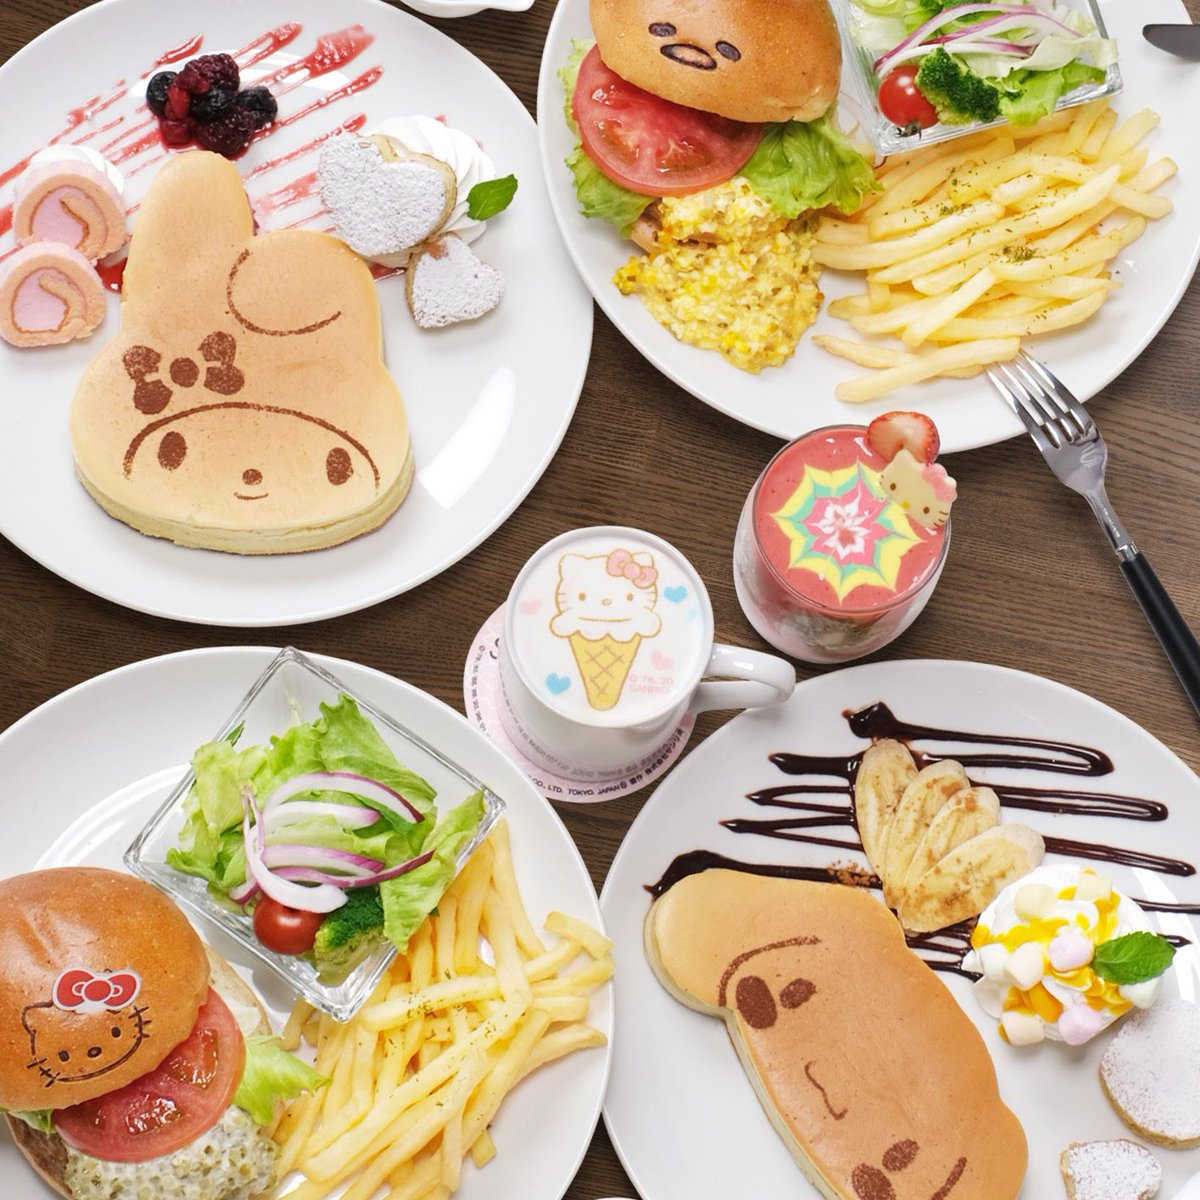 キュートなドリンク&フード大好きなキャラと楽しんで❤︎🎀 💒 🎀 💒 🎀 💒 🎀˗ˋˏ SANRIO CAFE 池袋店 ˎˊ˗サンシャインシティにOPEN🎀 💒 🎀 💒 🎀 💒 🎀2020年6月5日(金)からアルパ地下1階に常設オープン